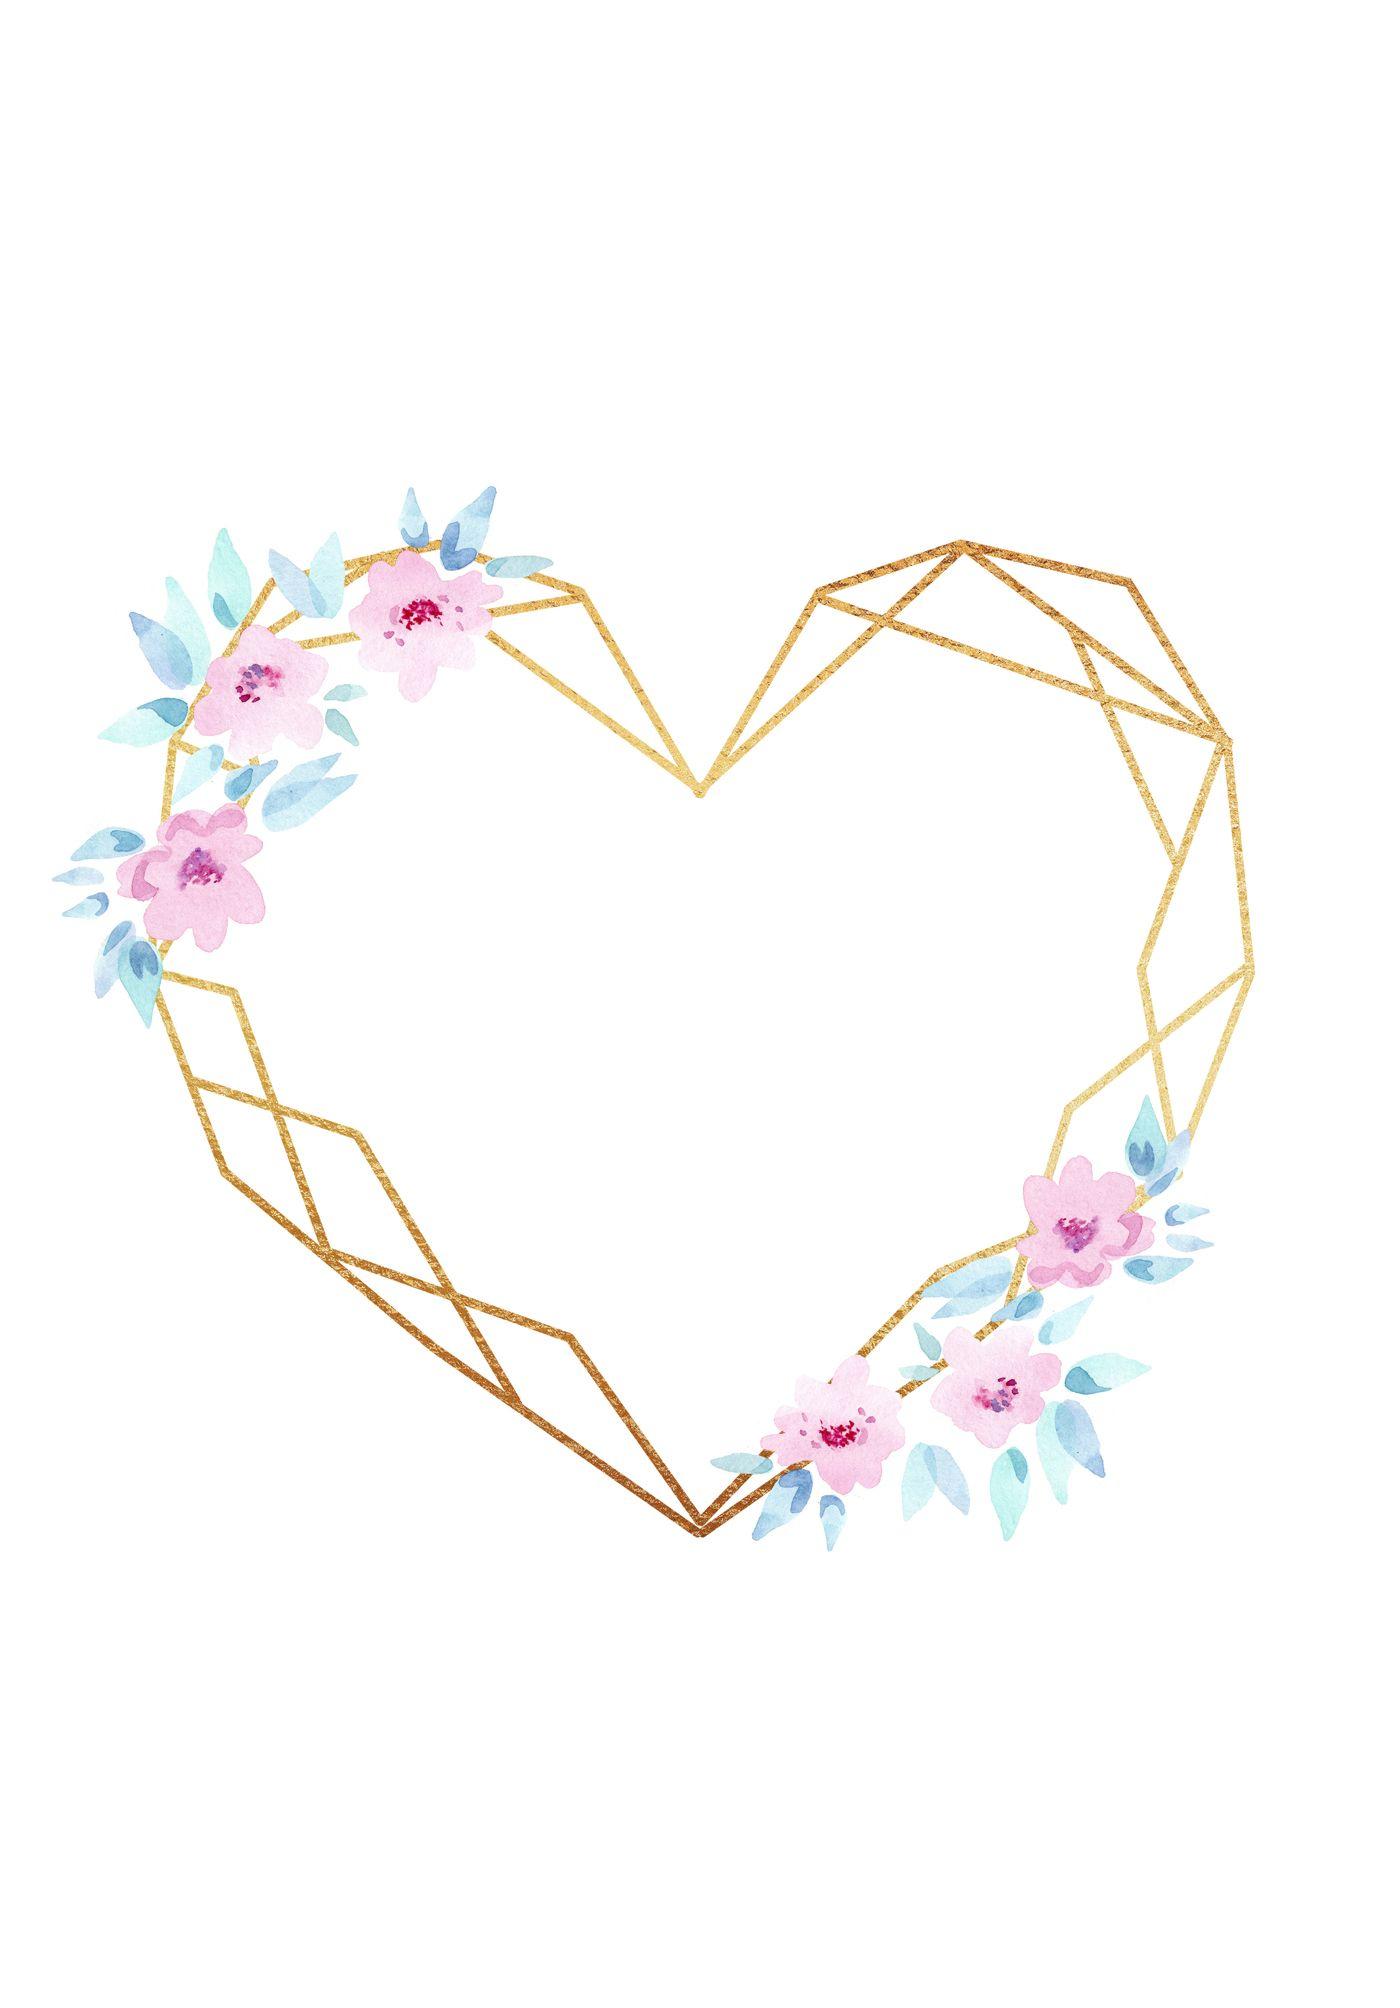 Gold Polygonal Floral Frames Clipart Crystal Frames Png For Etsy Floral Border Design Flower Frame Floral Wreaths Illustration